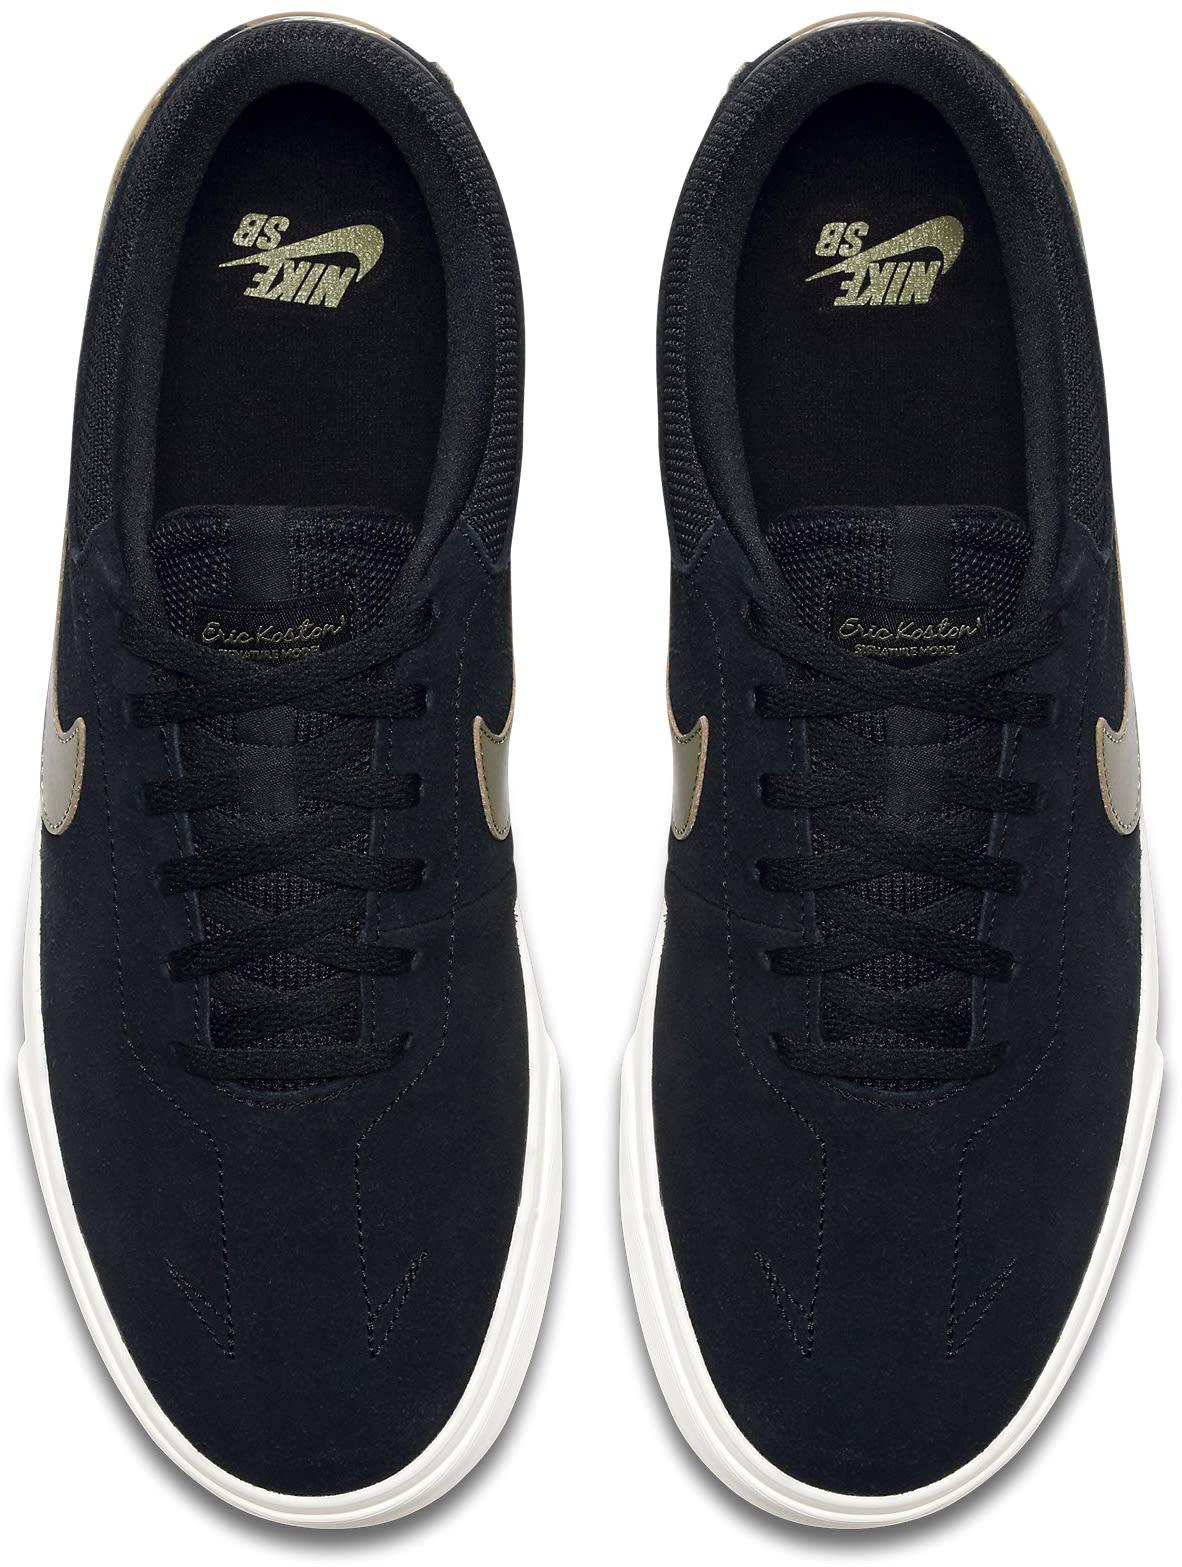 7d249e5404a4 Nike SB Koston Hypervulc Skate Shoes - thumbnail 4